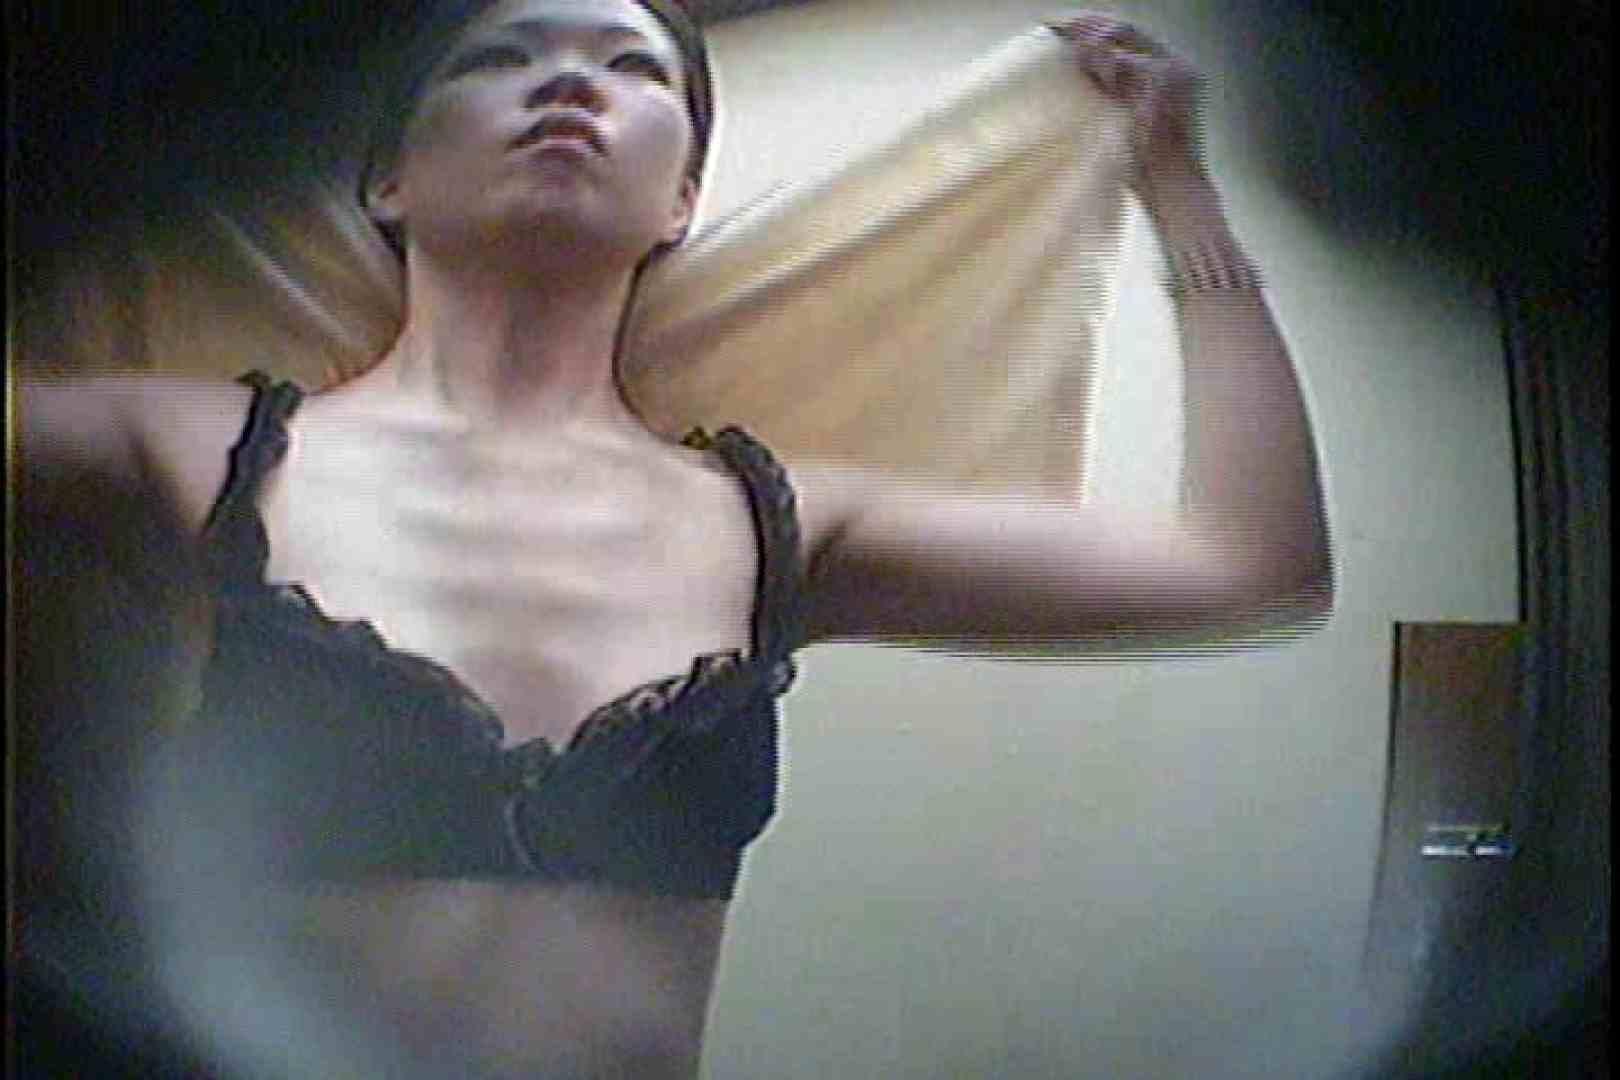 海の家の更衣室 Vol.40 高画質 セックス無修正動画無料 93枚 88